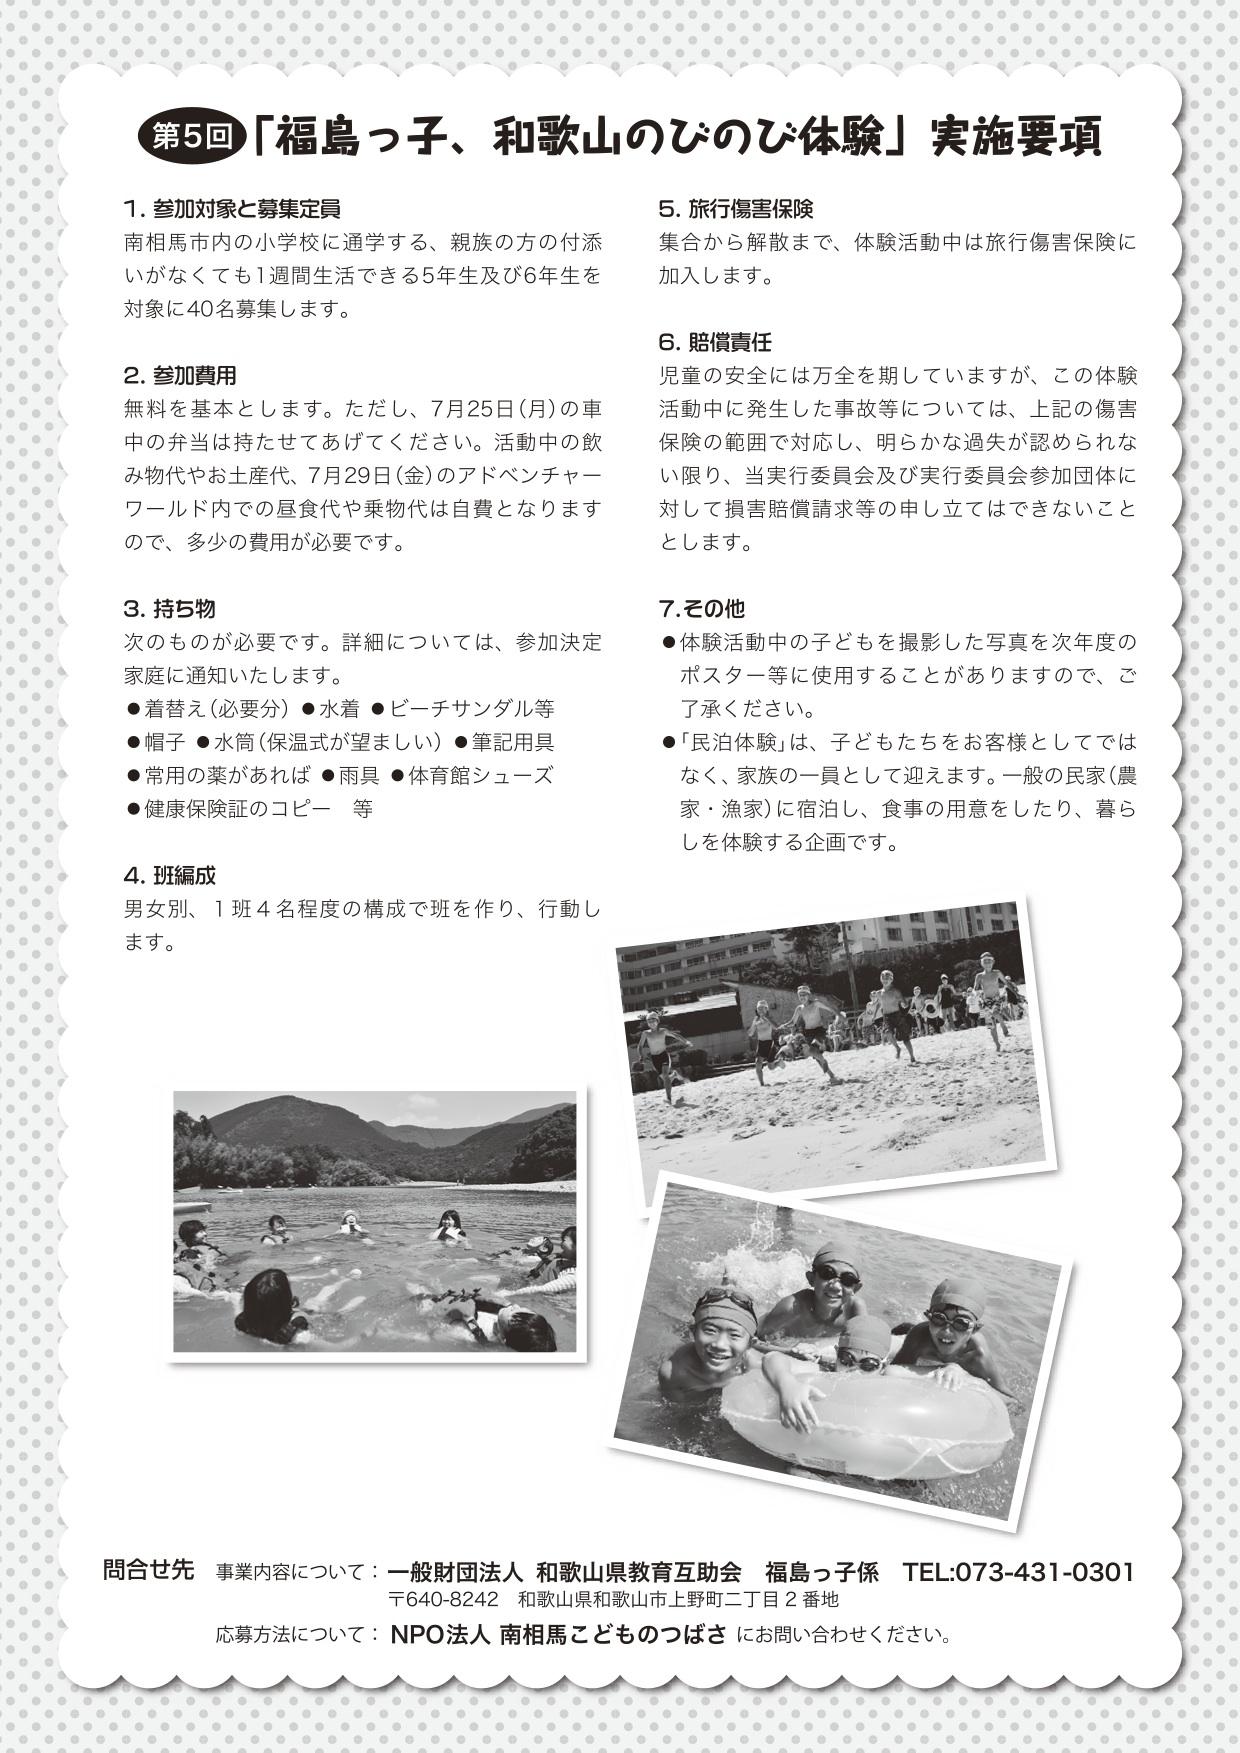 F-2 和歌山 チラシ-ura-fukushima